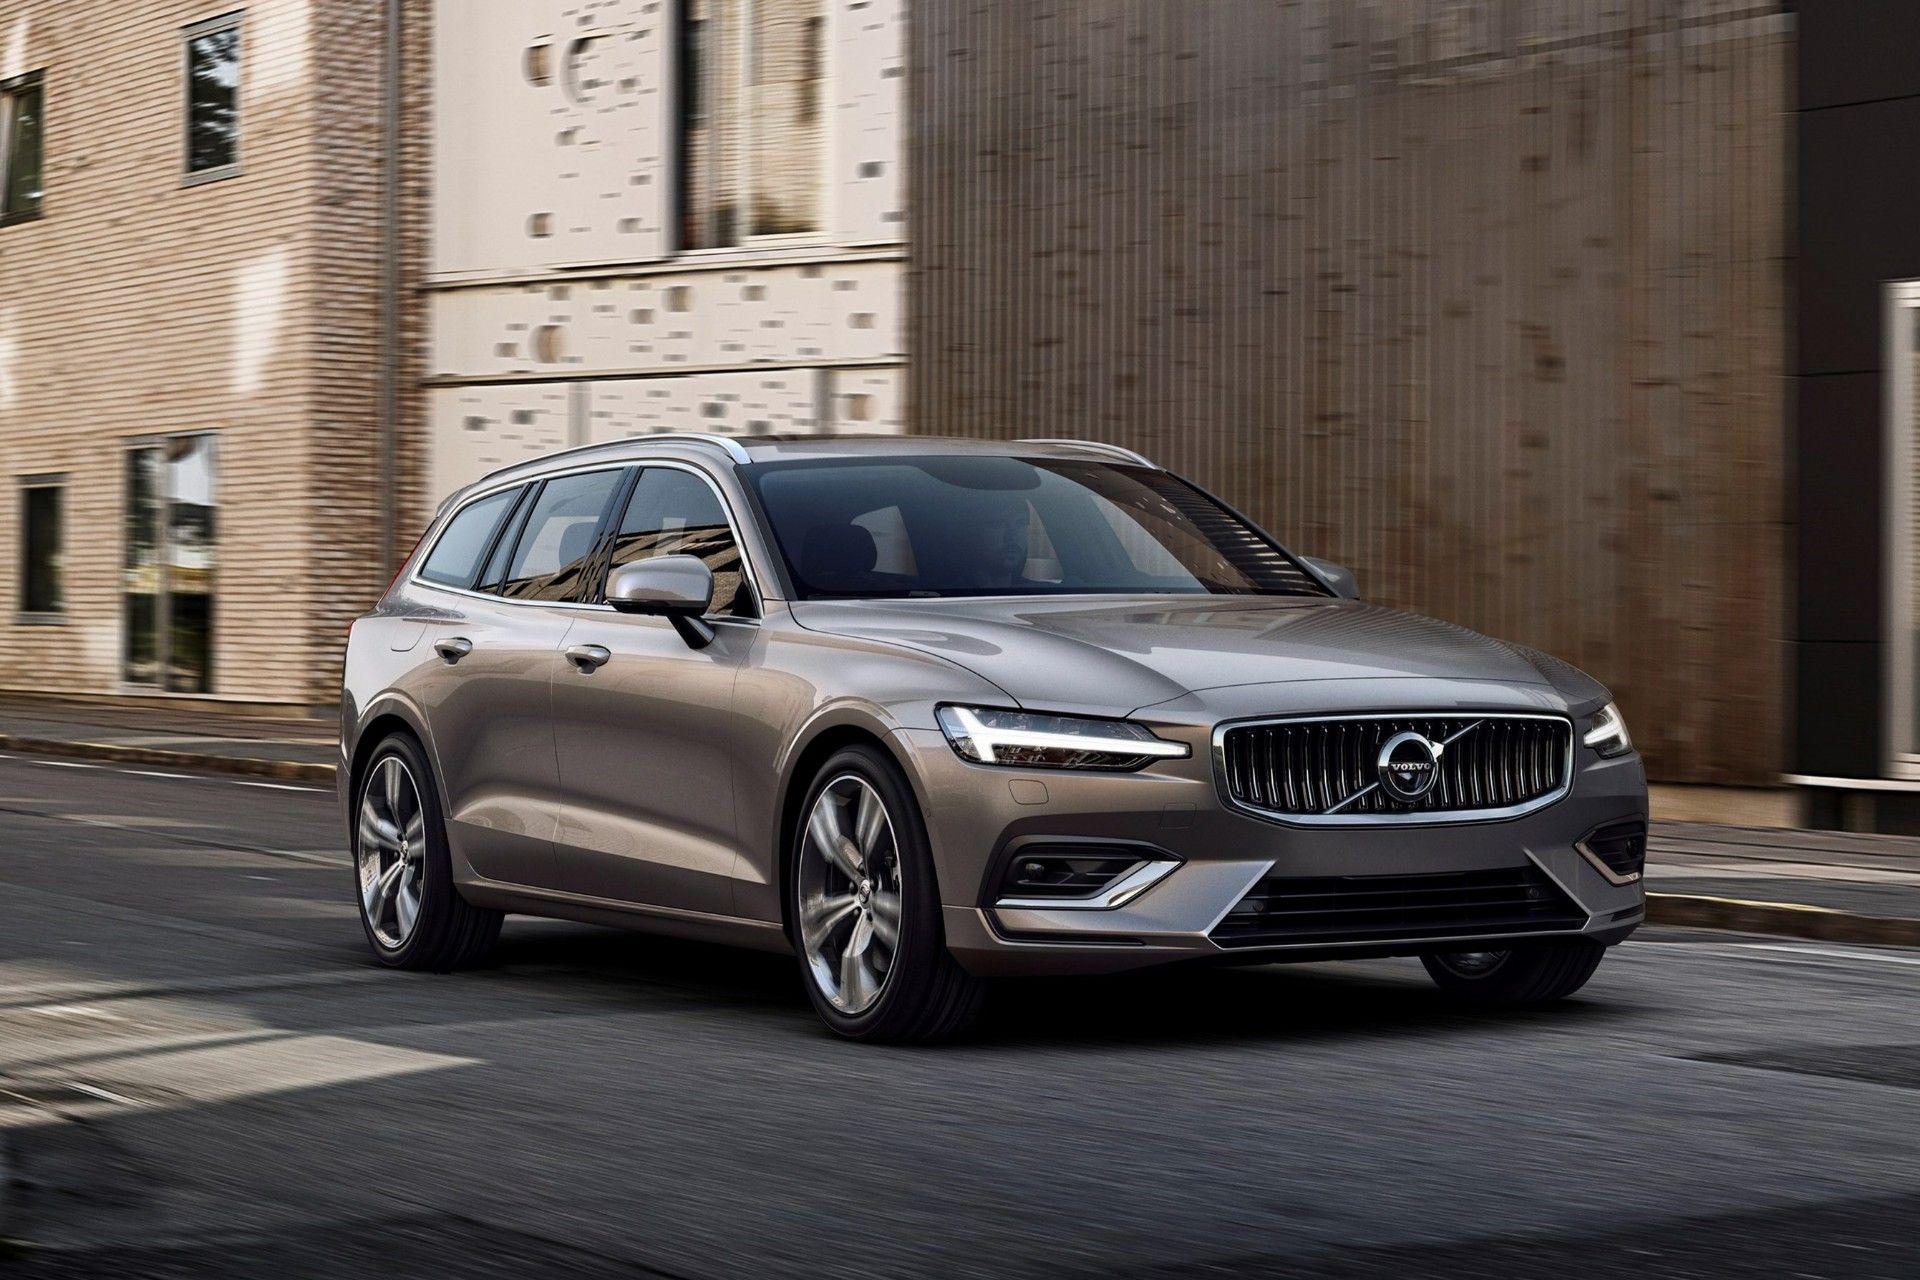 2019 Volvo V60 자동차